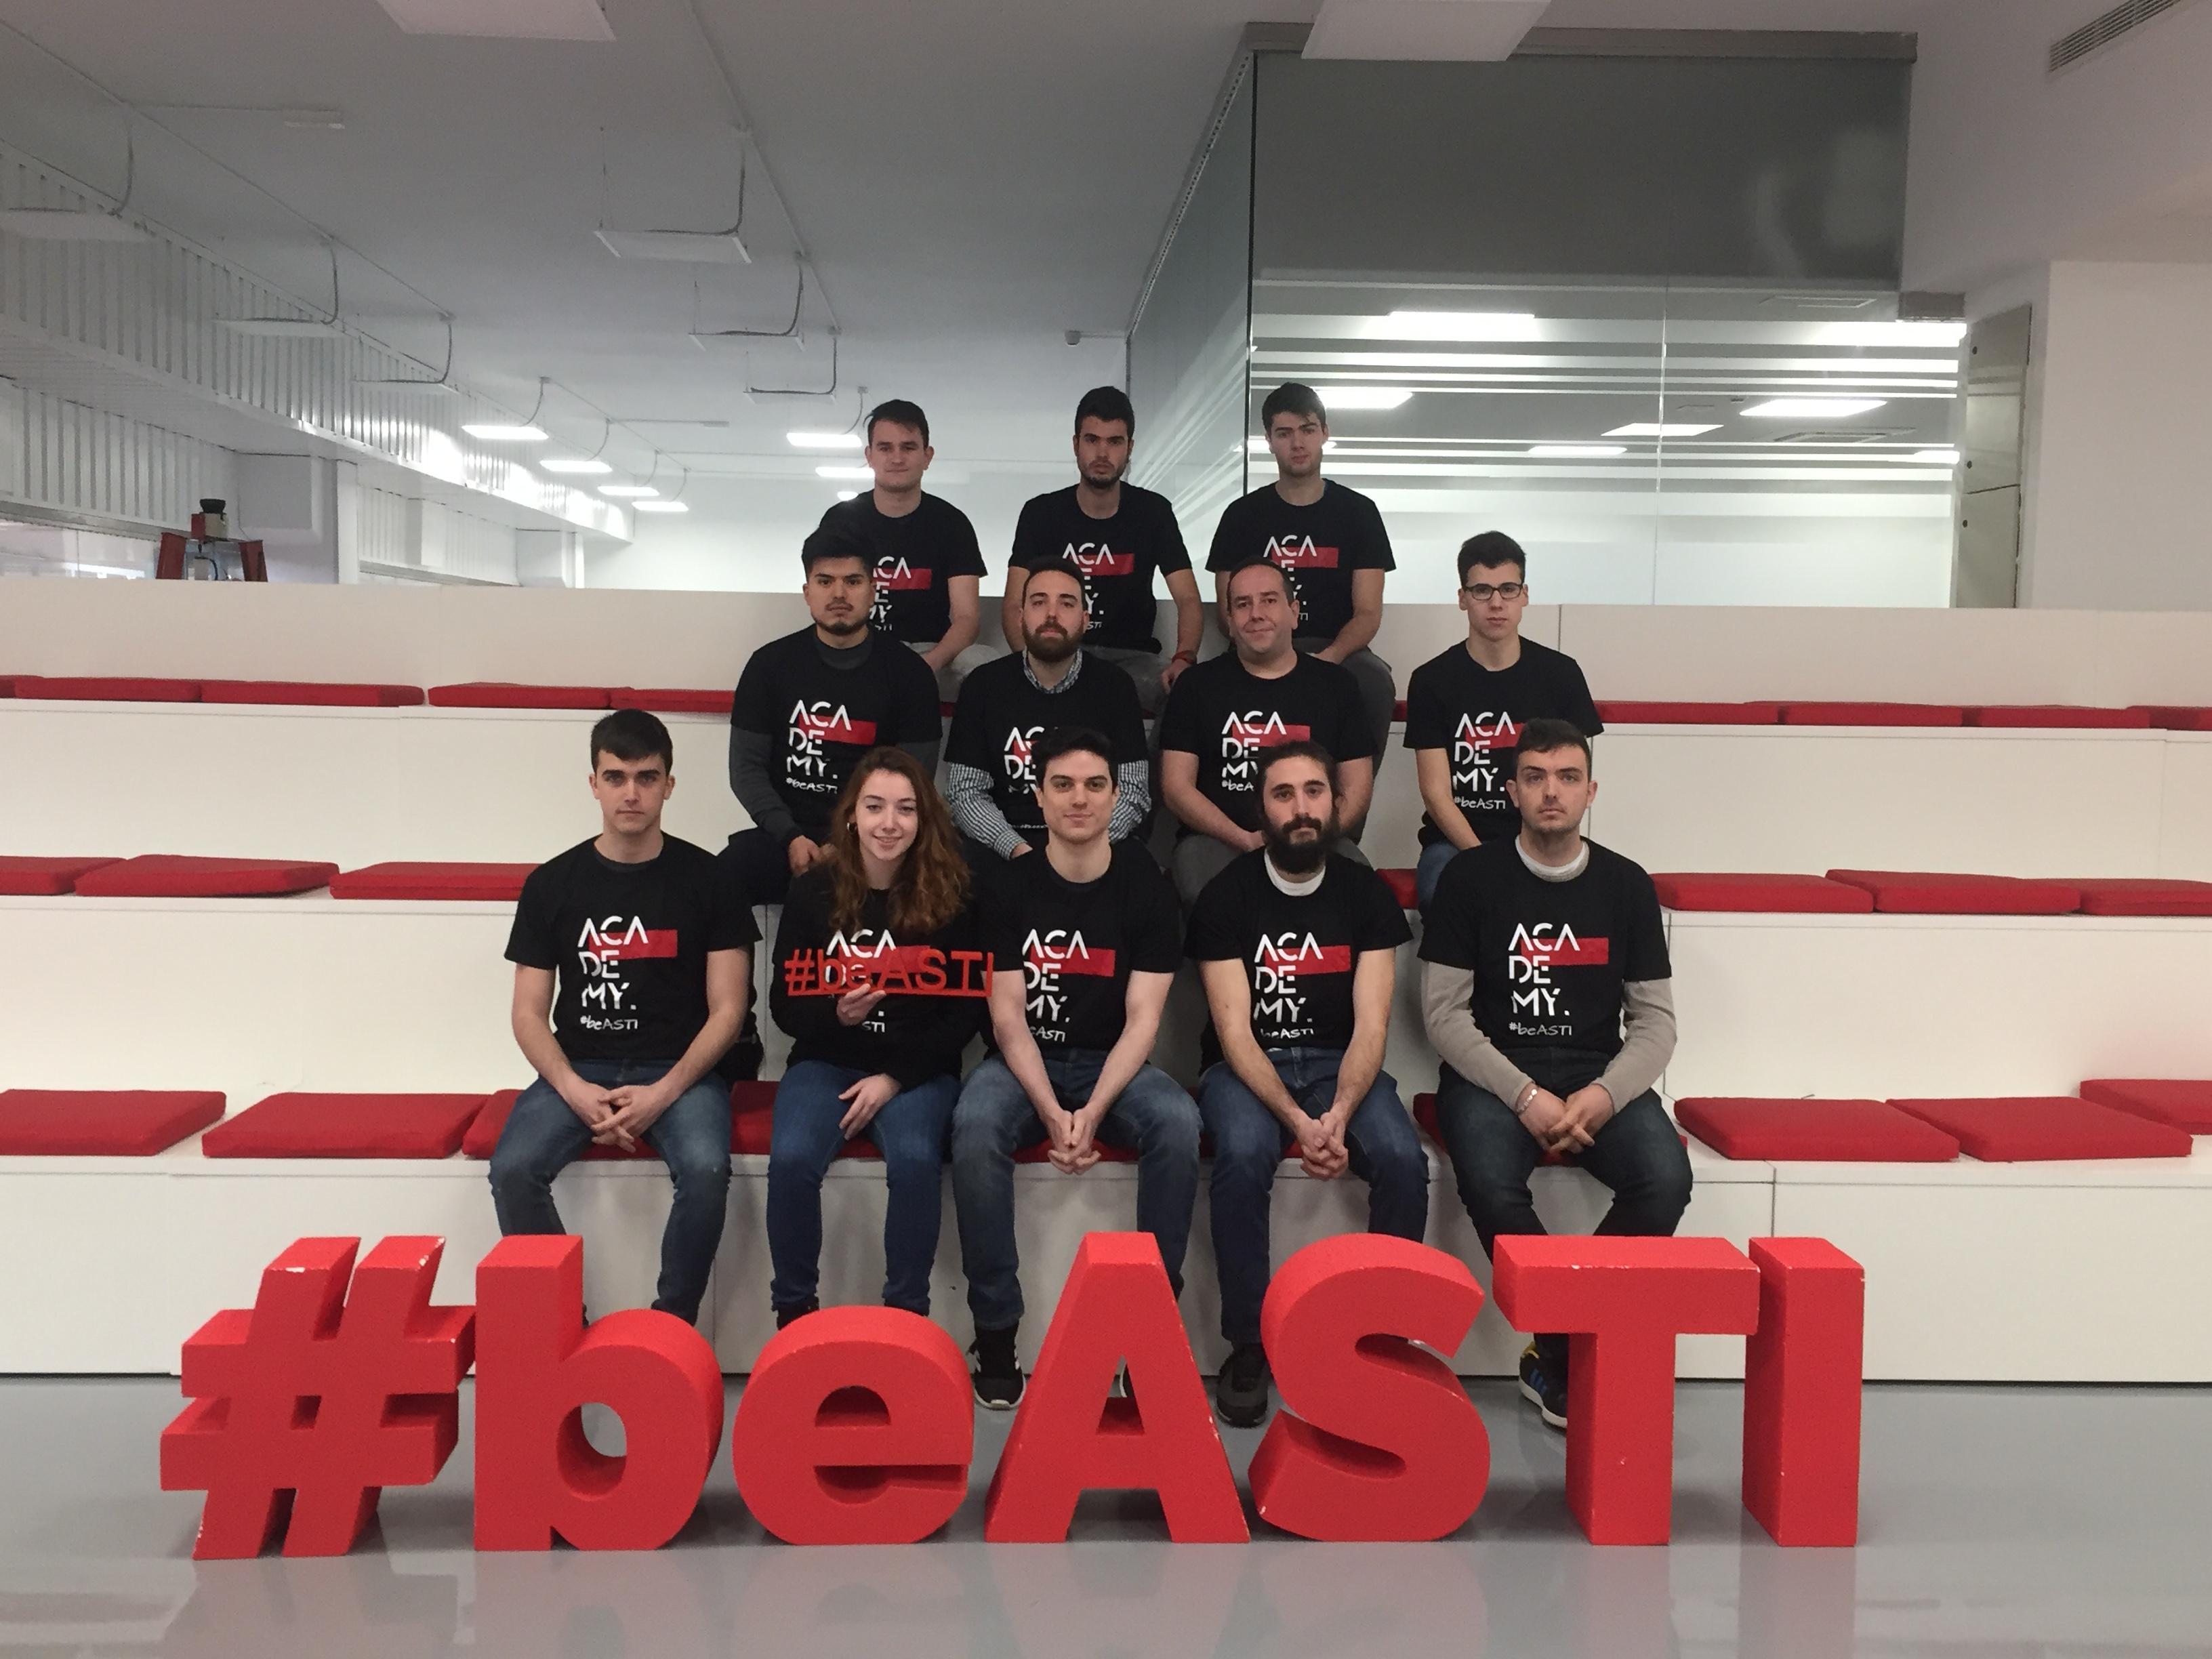 El programa ASTI Academy dedica cerca de 10.000 horas en formación dual de 17 alumnos de FP